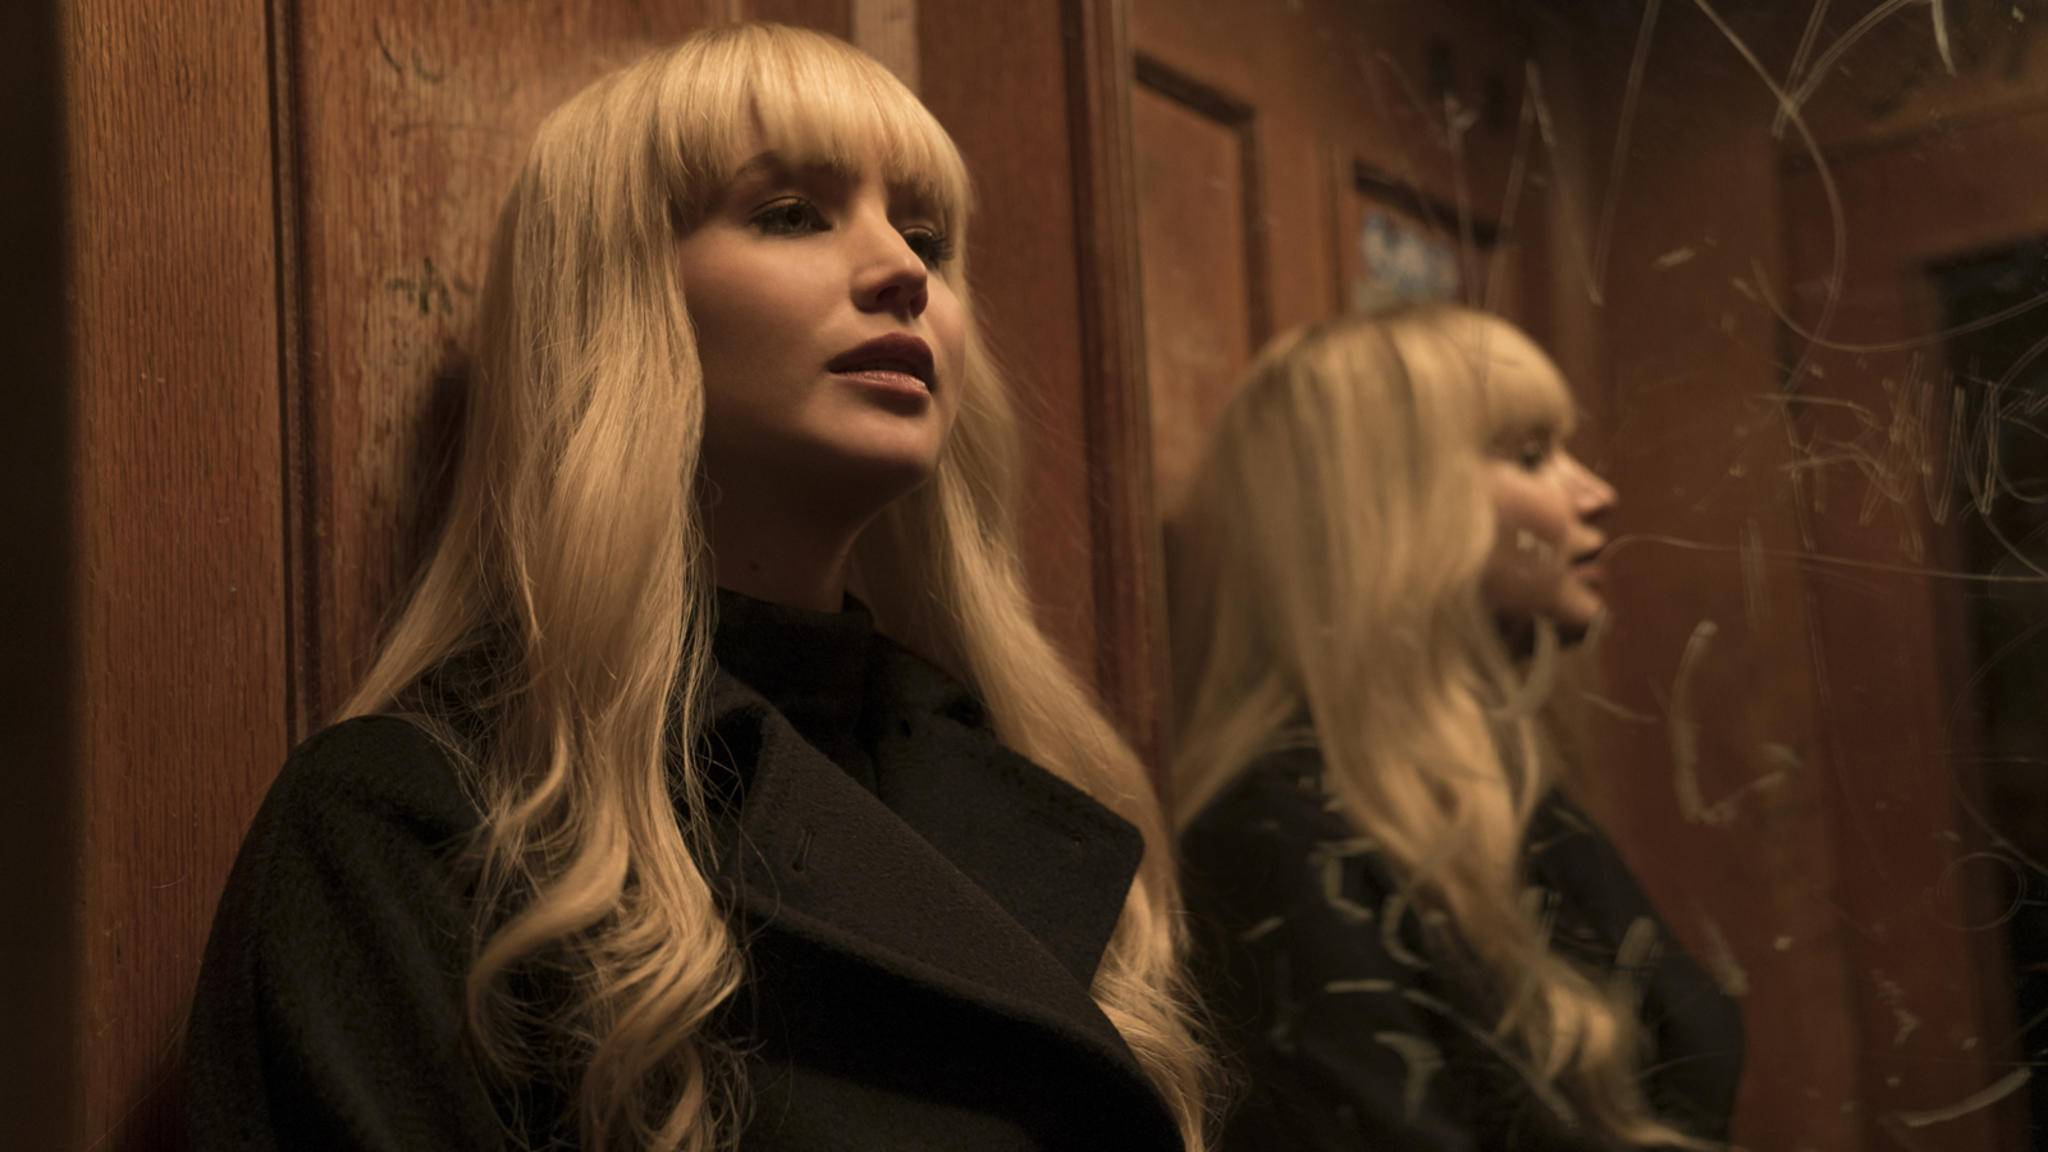 """Oscarpreisträgerin Jennifer Lawrence wird in """"Red Sparrow"""" zur Spionin wider Willen."""